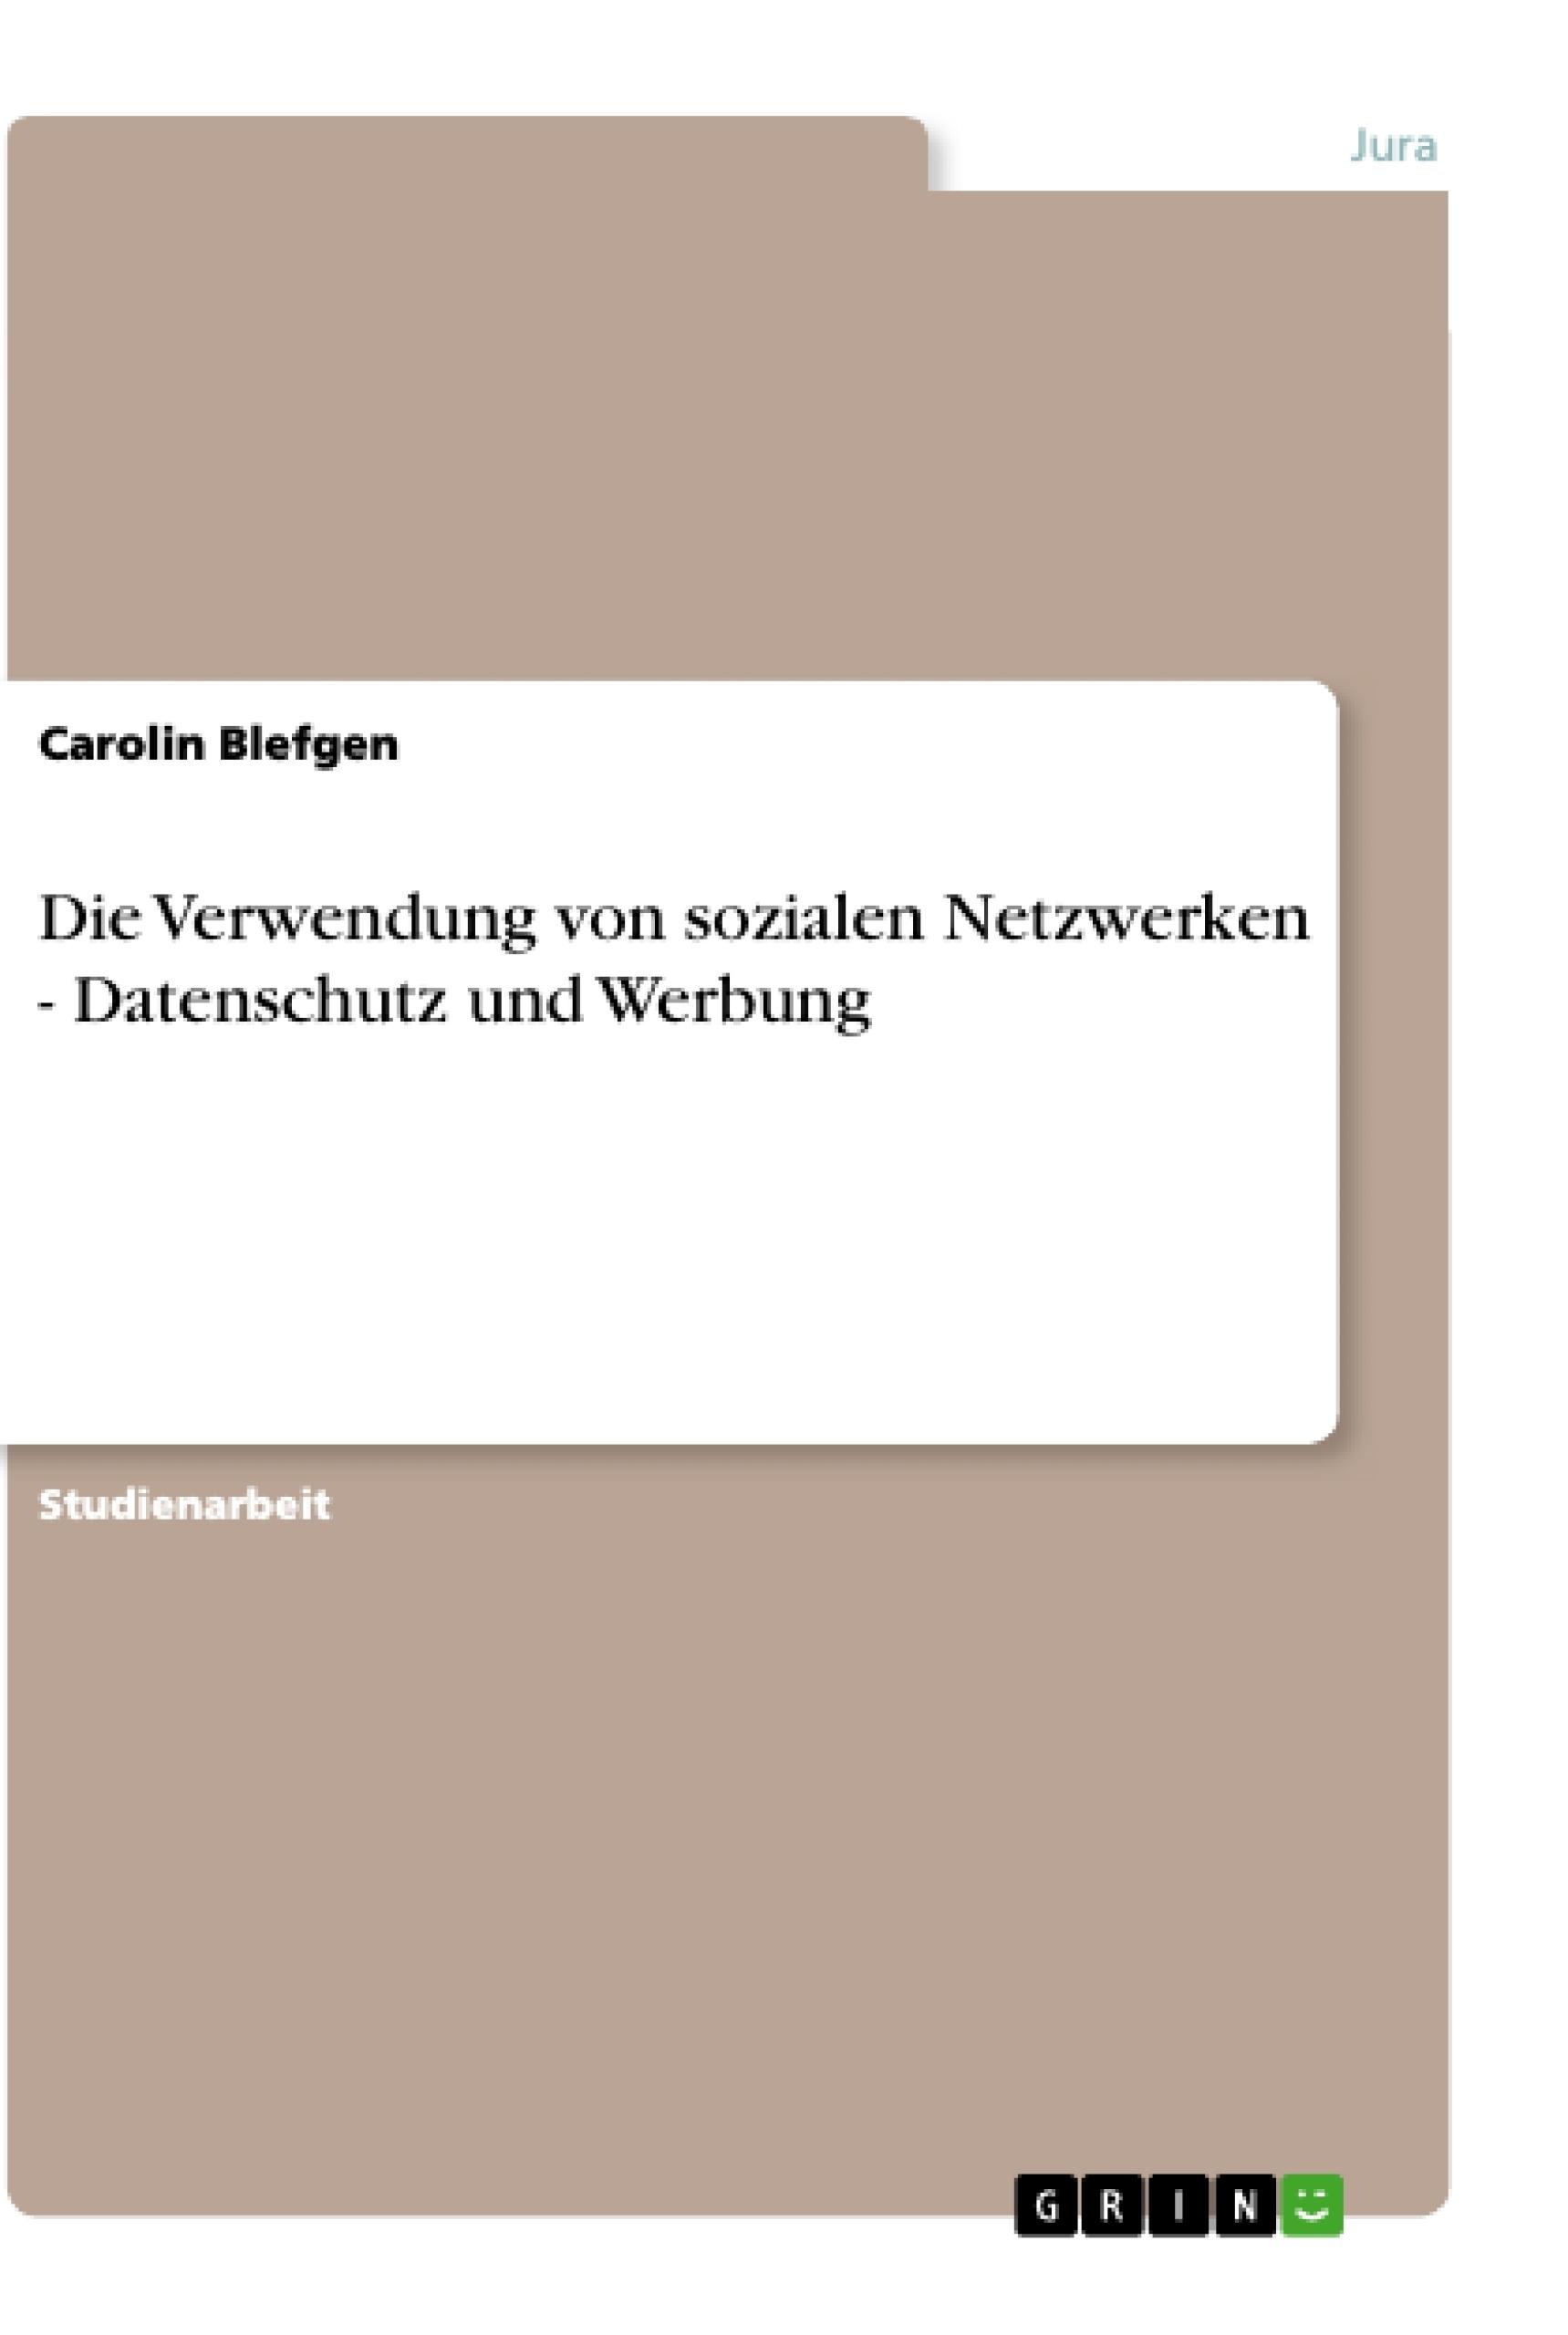 Titel: Die Verwendung von sozialen Netzwerken - Datenschutz und Werbung